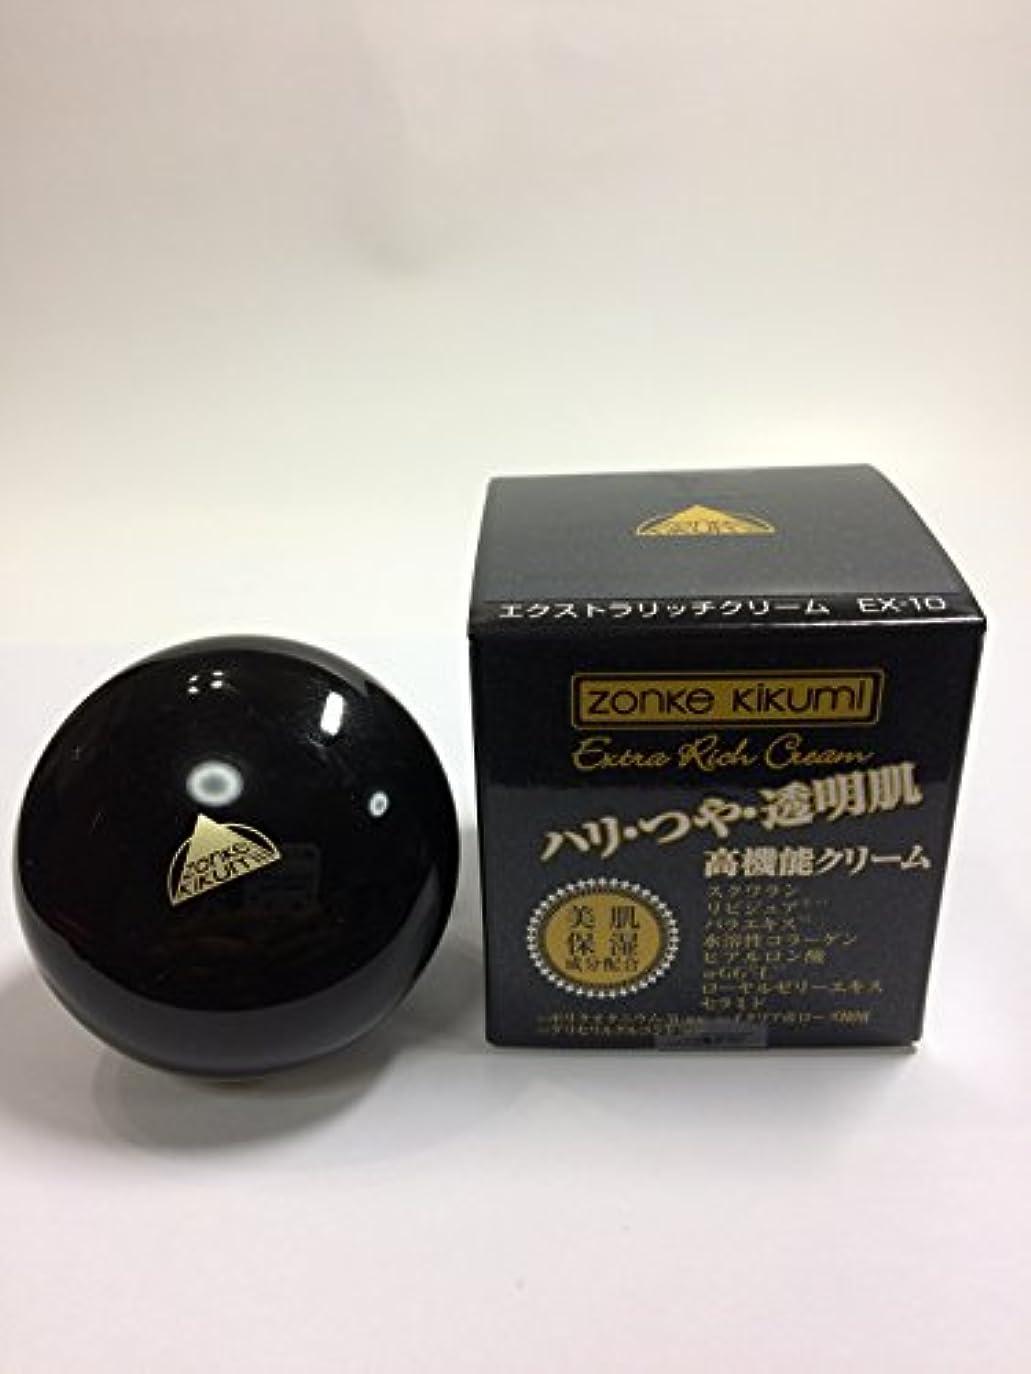 ハイジャック放棄された話すゾンケ エキストラリッチクリームEX-10